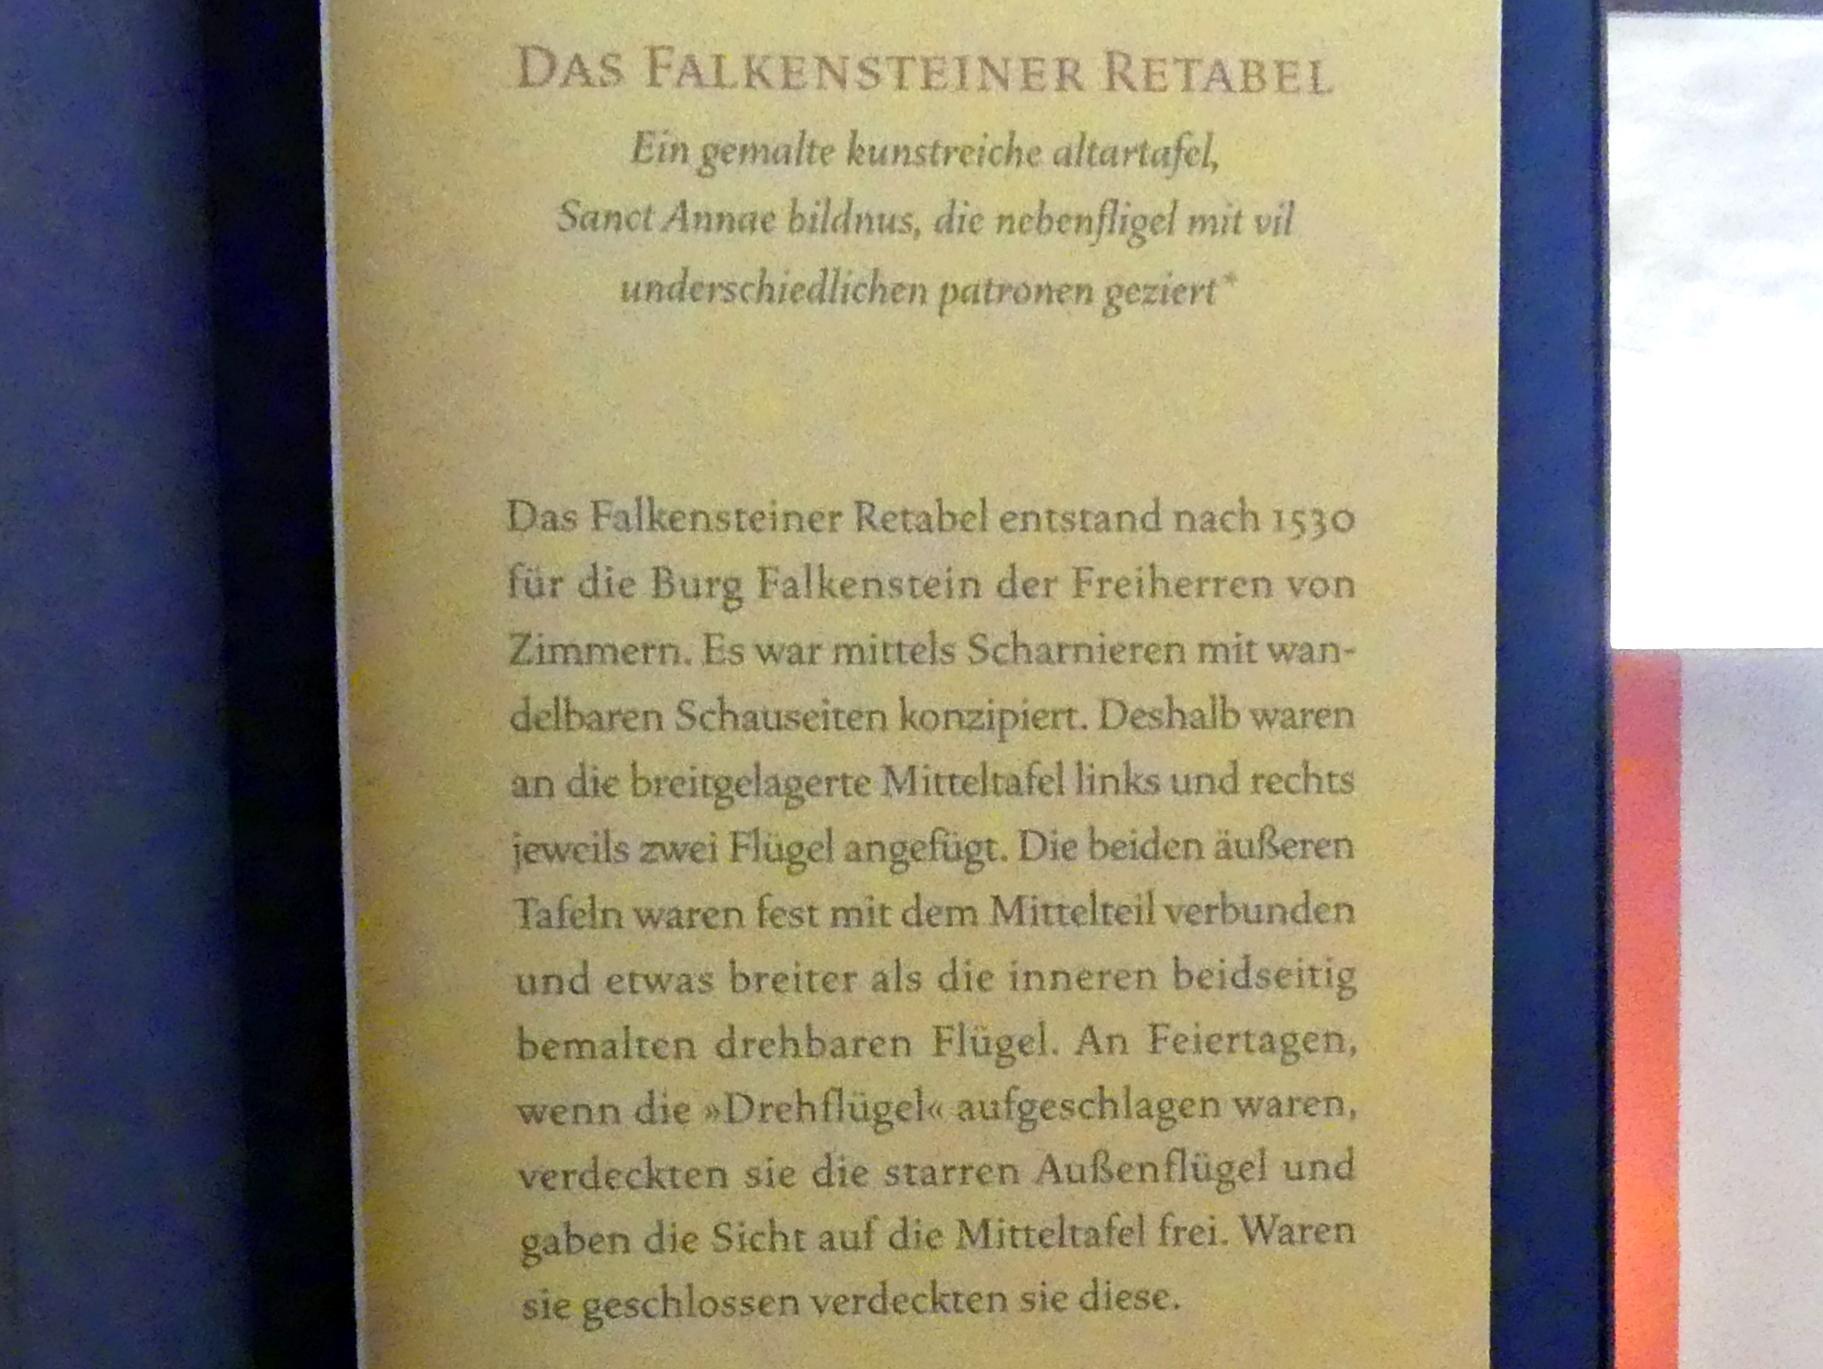 Meister von Meßkirch: Falkensteiner Retabel, nach 1530, Bild 10/11